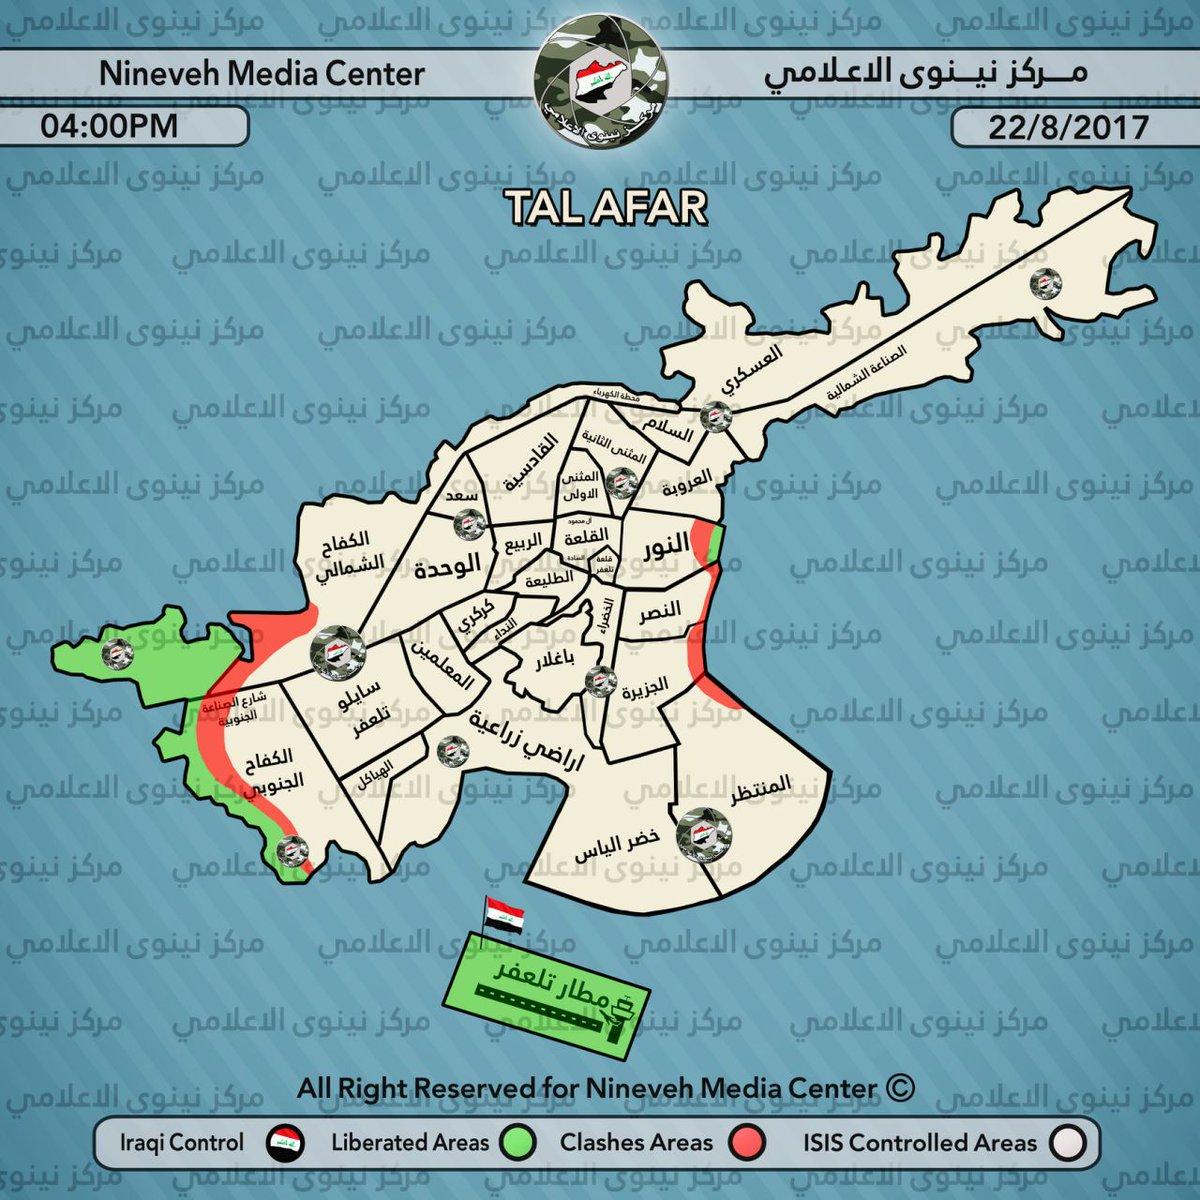 معركة الموصل - صفحة 15 DH1gcx5WAAAcKq_